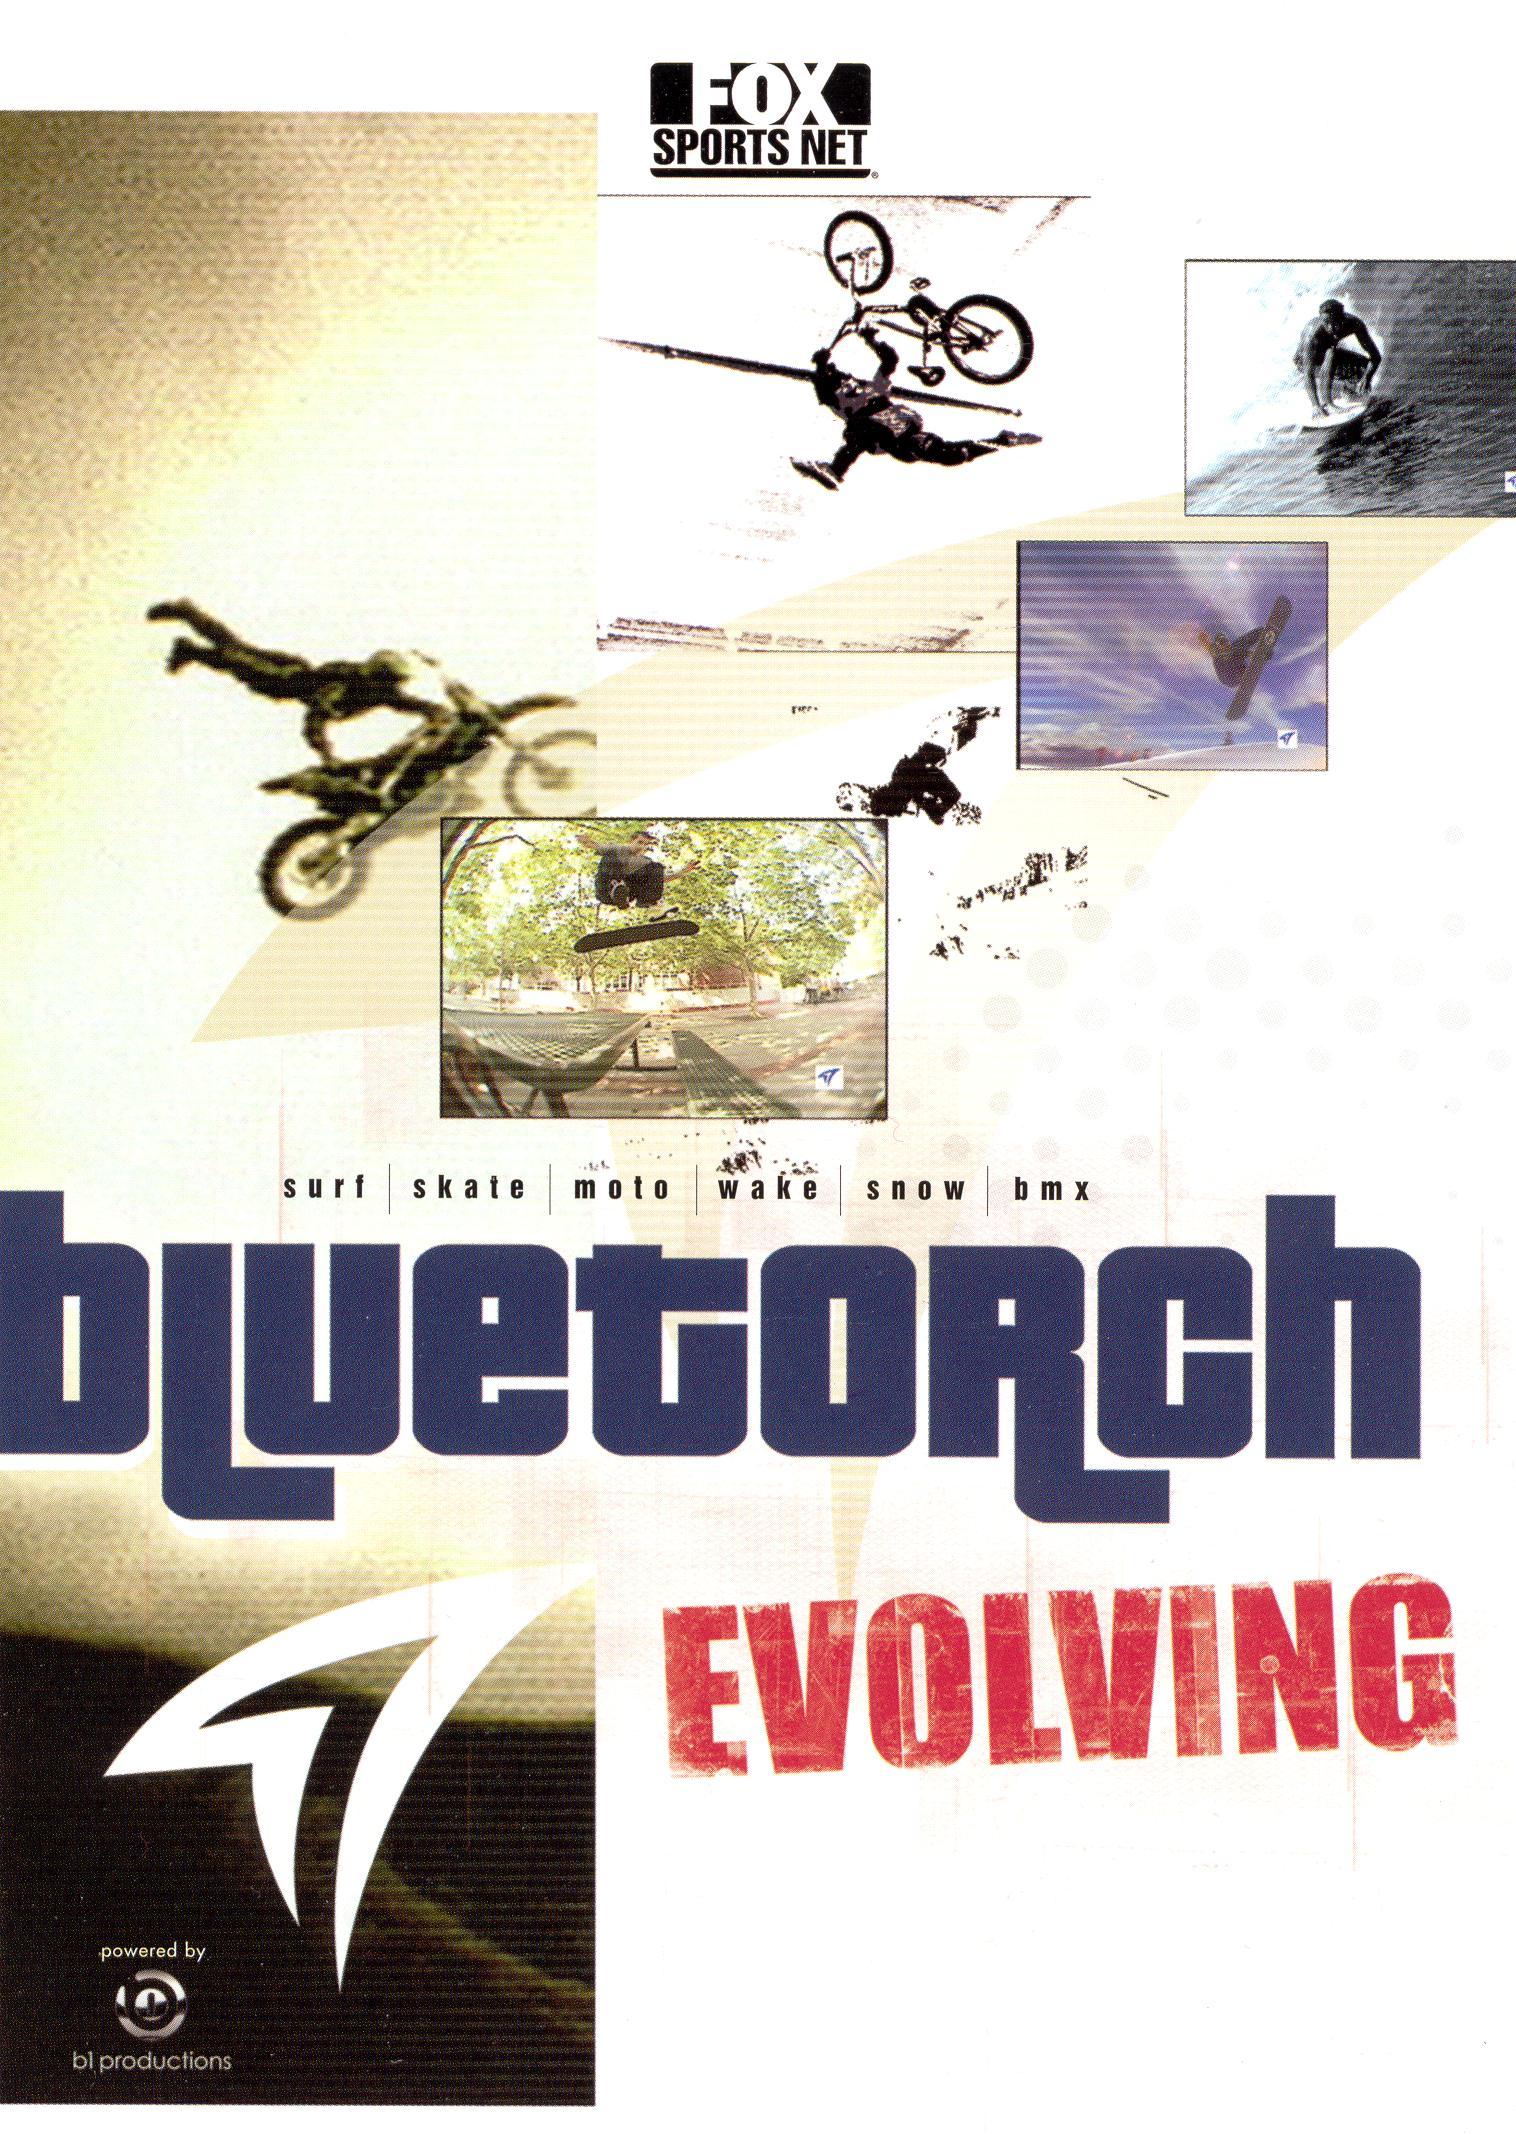 Bluetorch Evolving